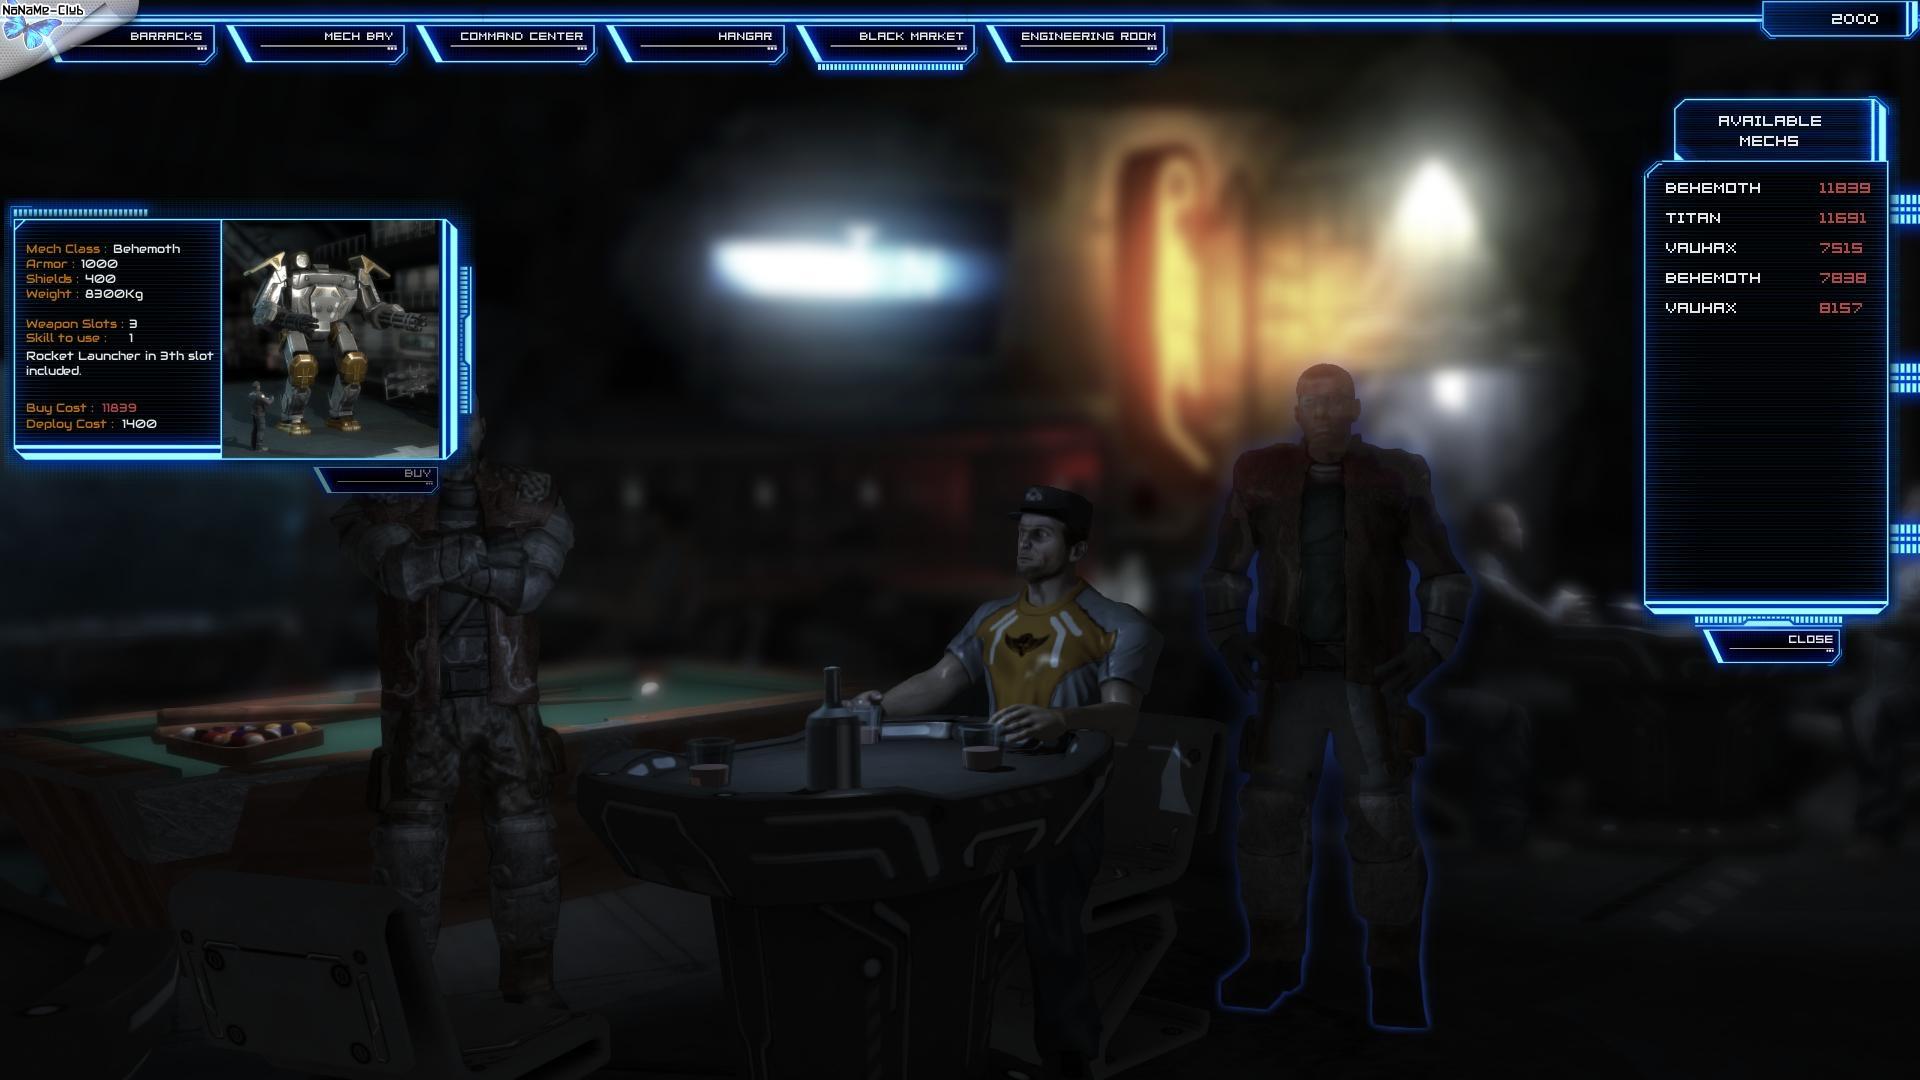 Скриншот Mechs & Mercs: Black Talons v1.0 (Лицензия) №3